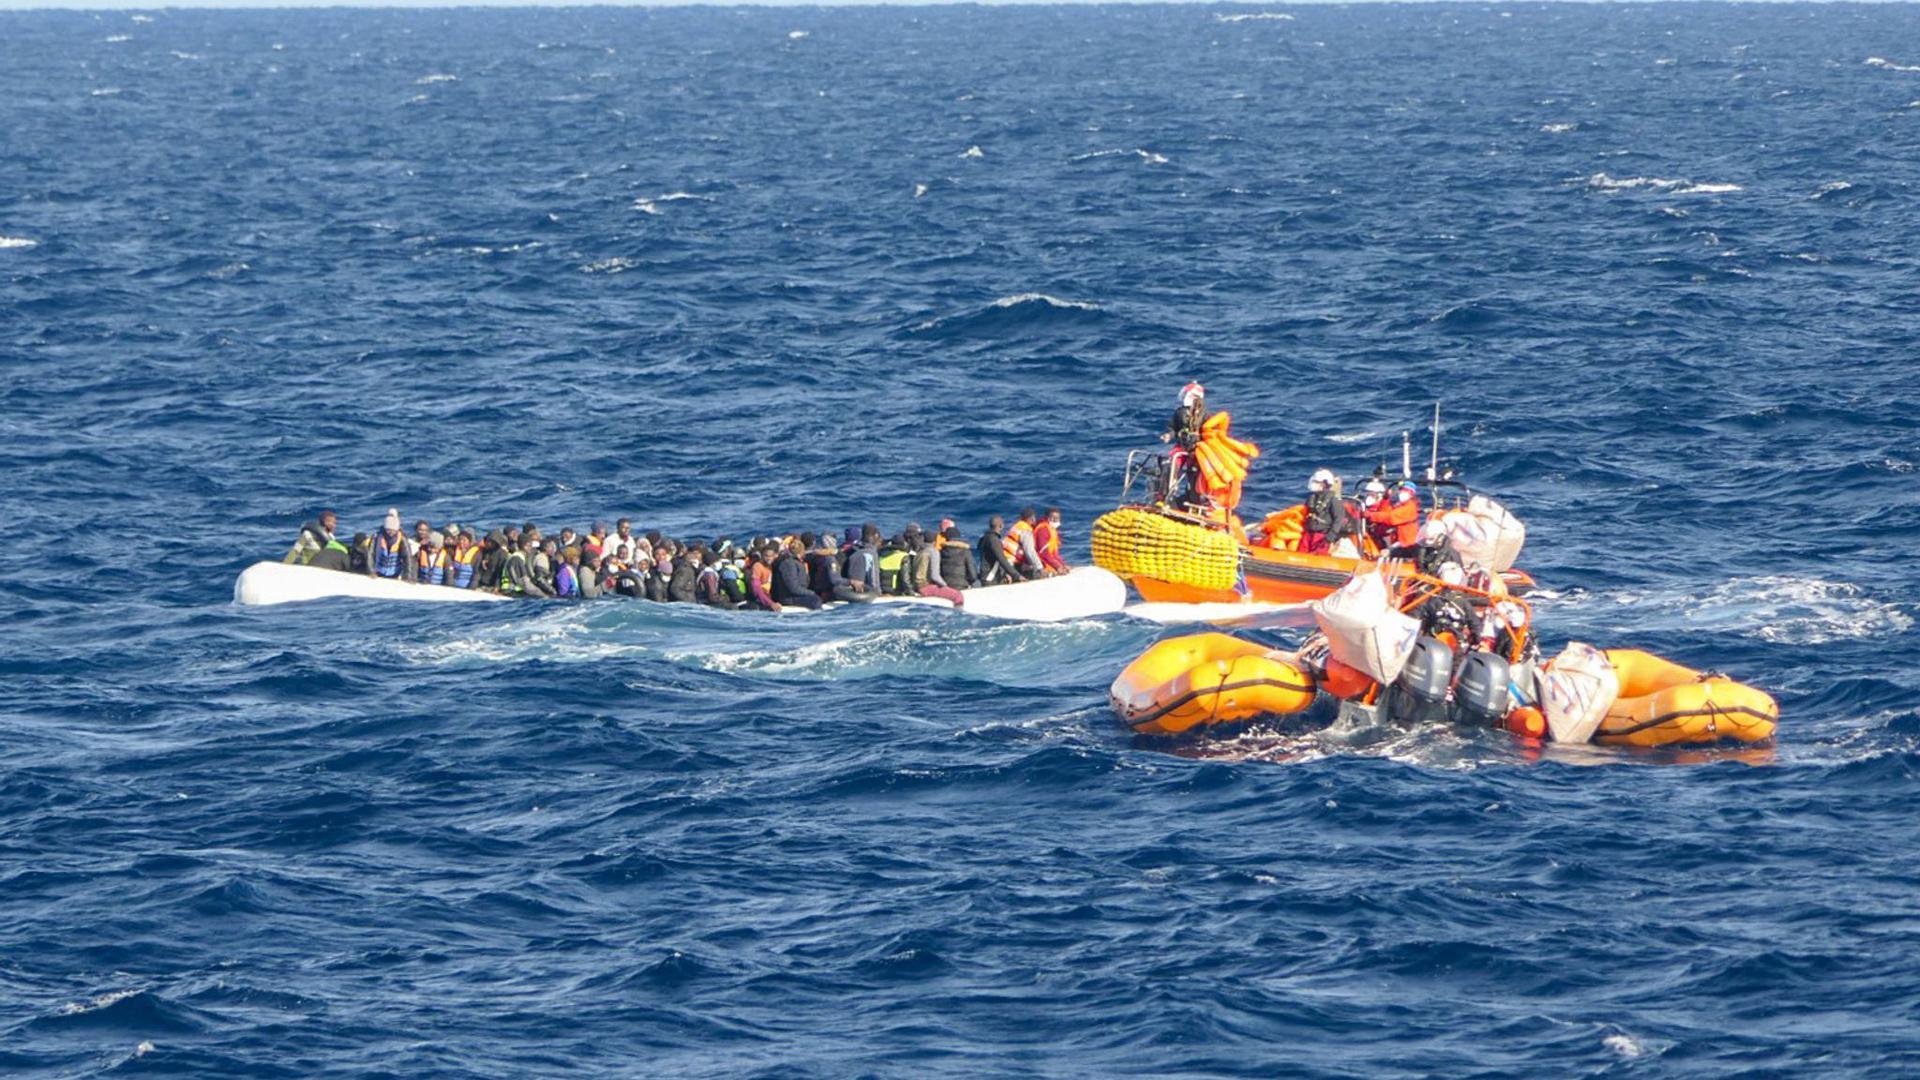 """Die am 21. Januar 2020 von SOS Mediterranee herausgegebene undatierte Aufnahme zeigt gelbe Schlauchboote des Seenotrettungsschiffs """"Ocean Viking"""", die sich einem weiteren Schlauchboot, besetzt mit Migranten, nähern."""